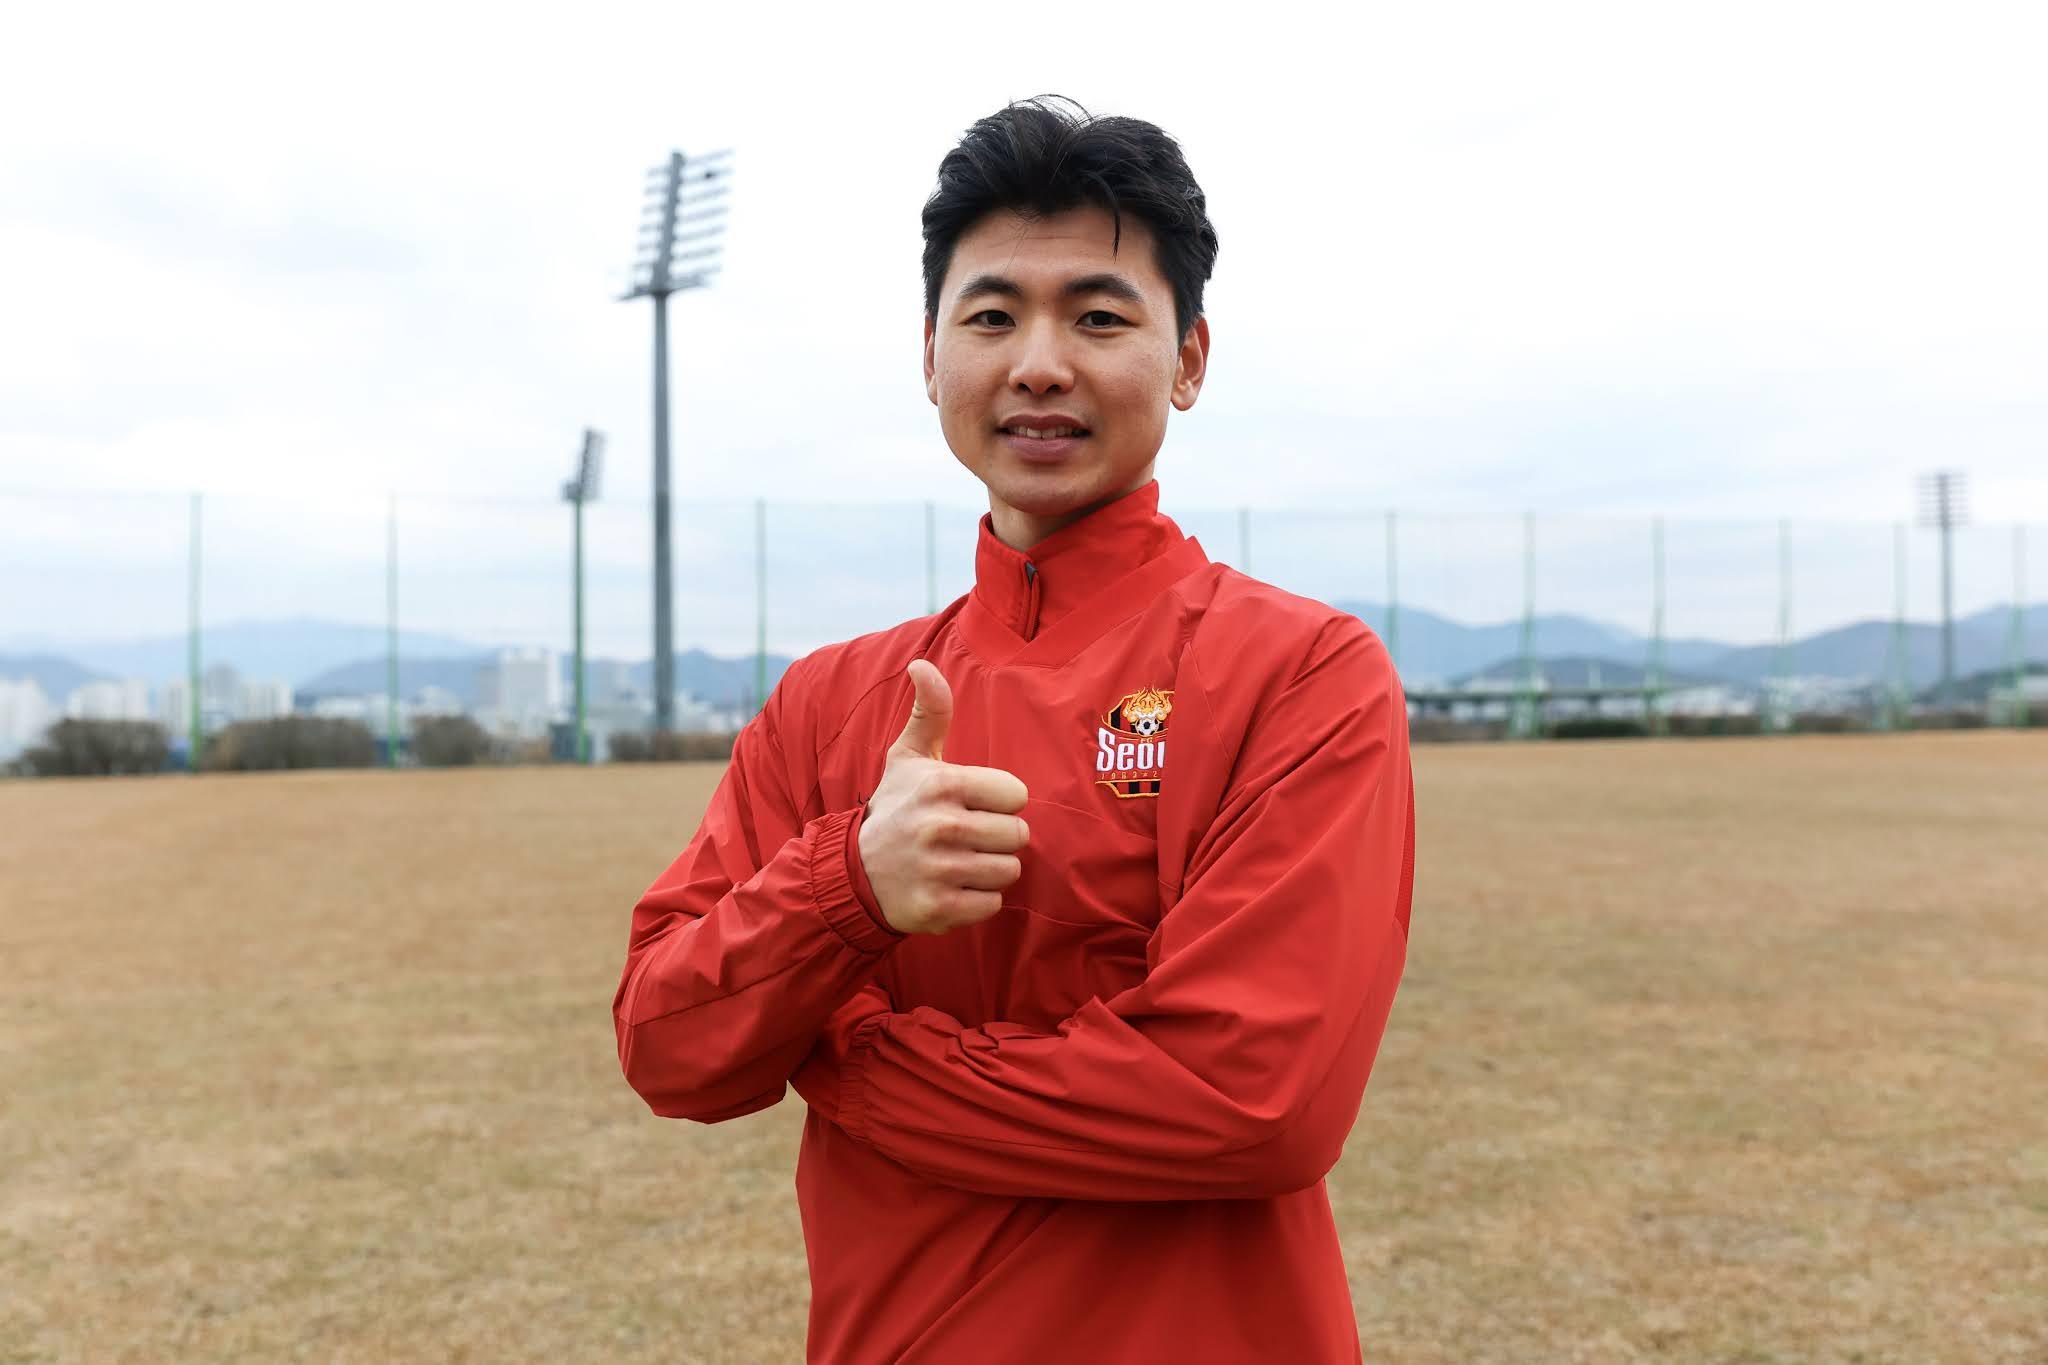 Park Jung-bin